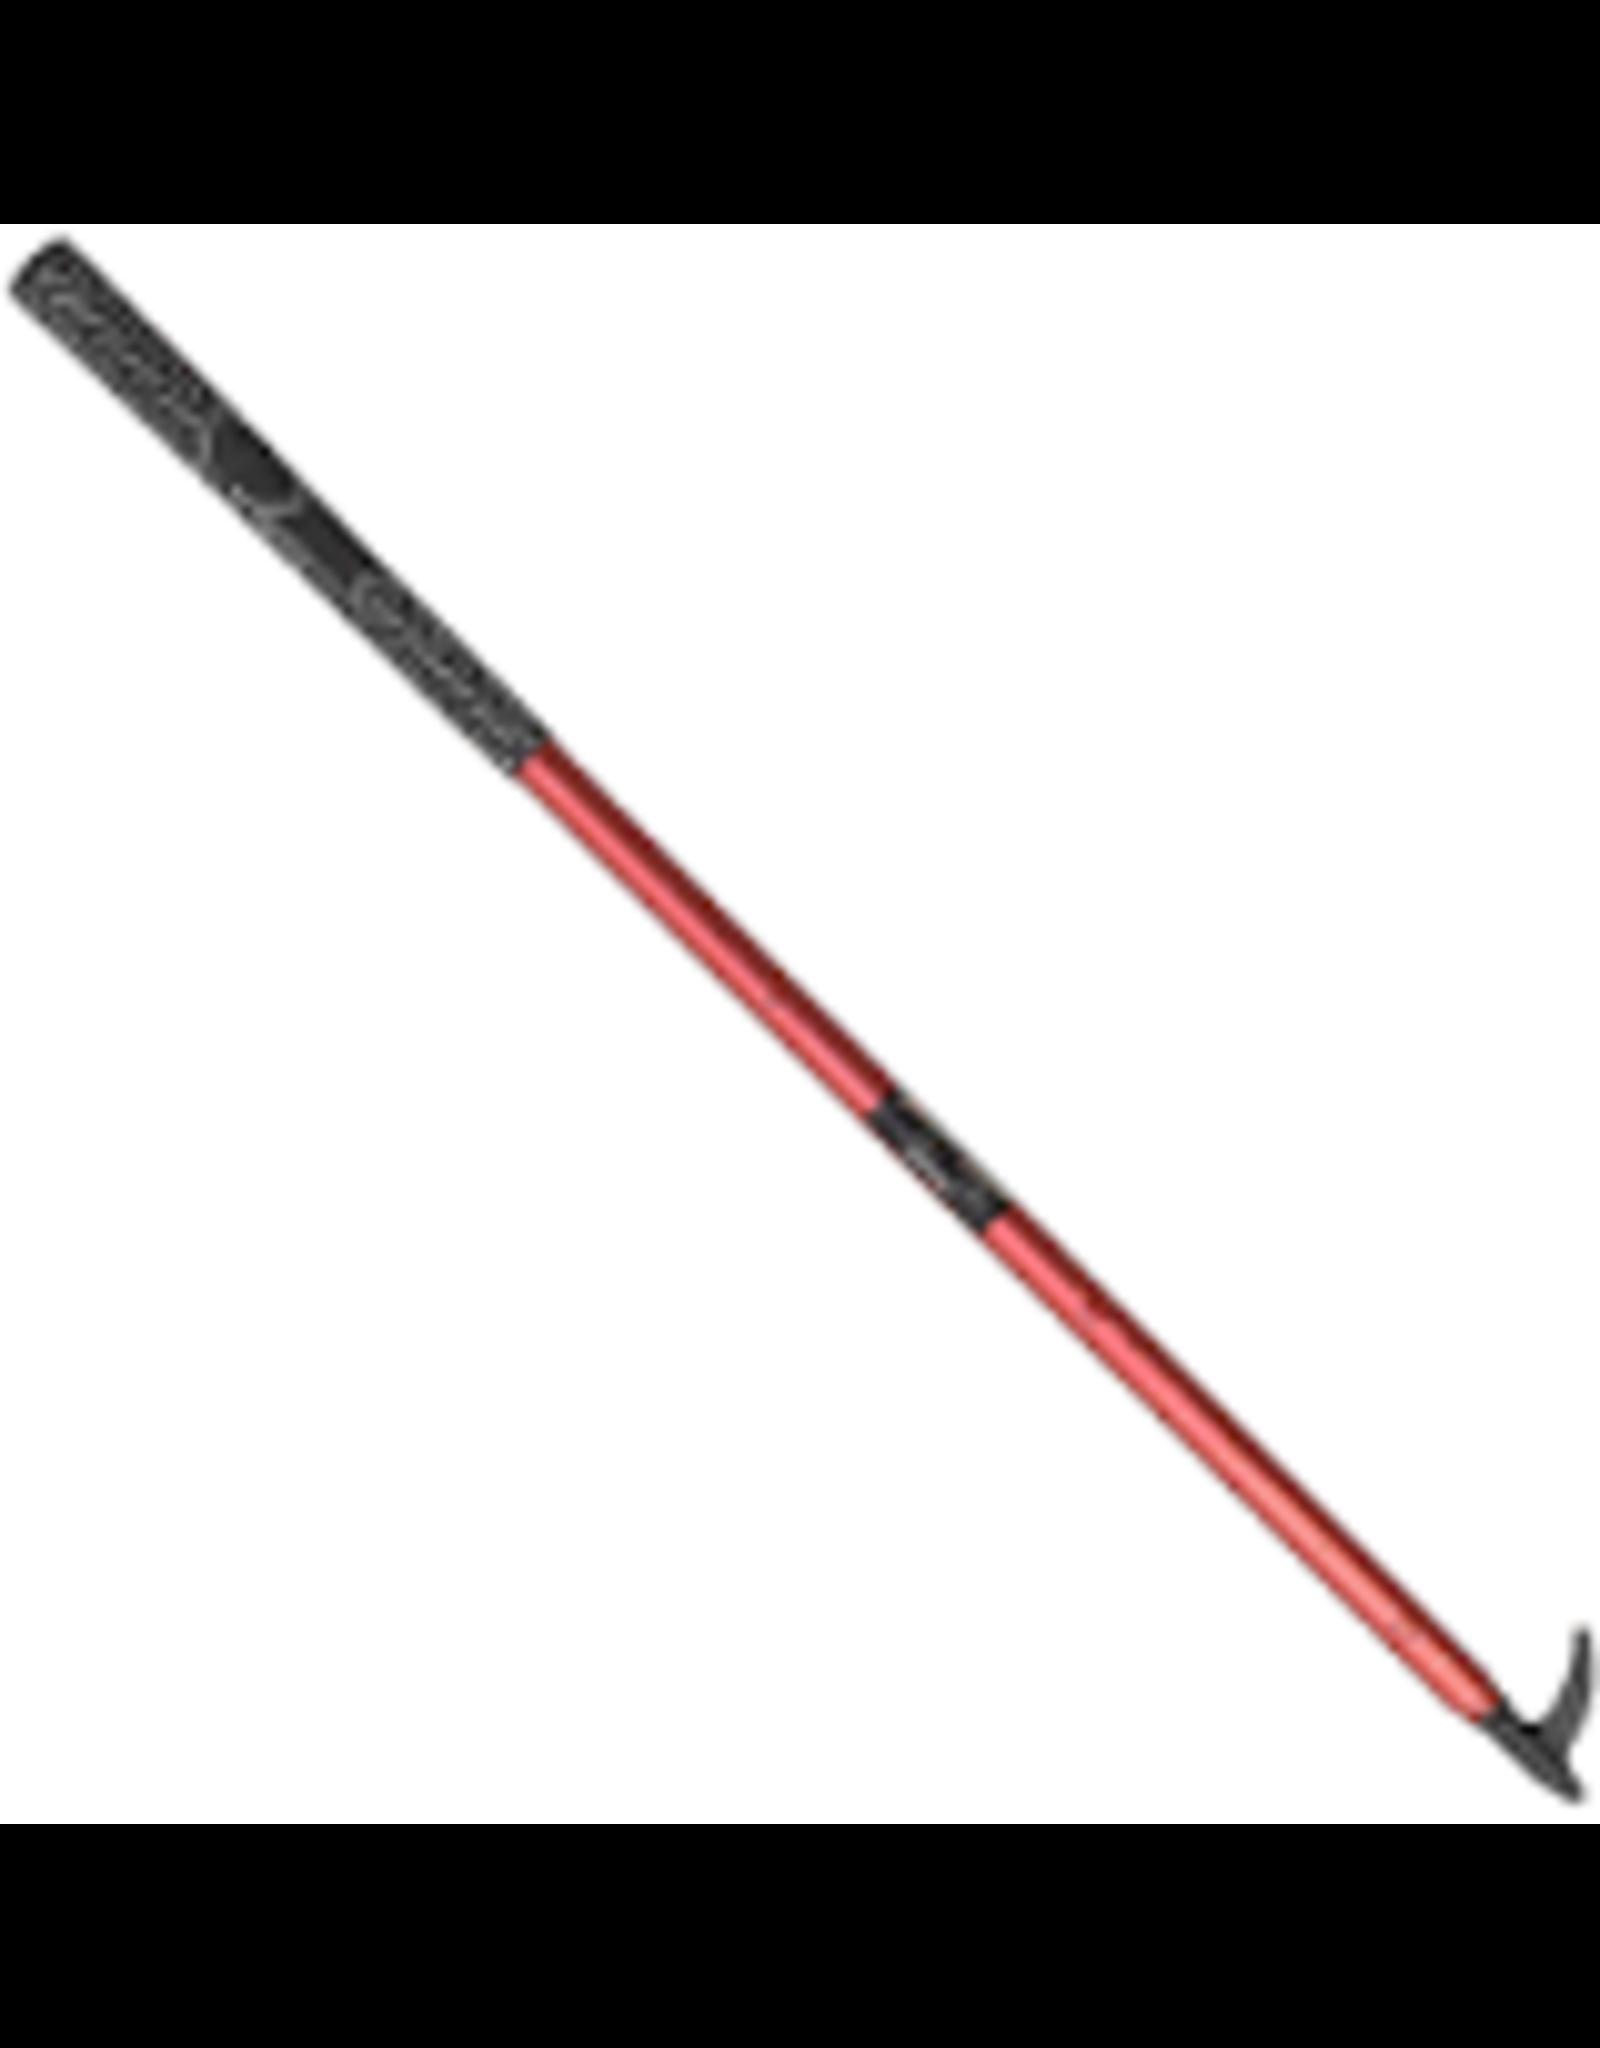 Sho-Stik Adjustable (Show Stick for Cattle)